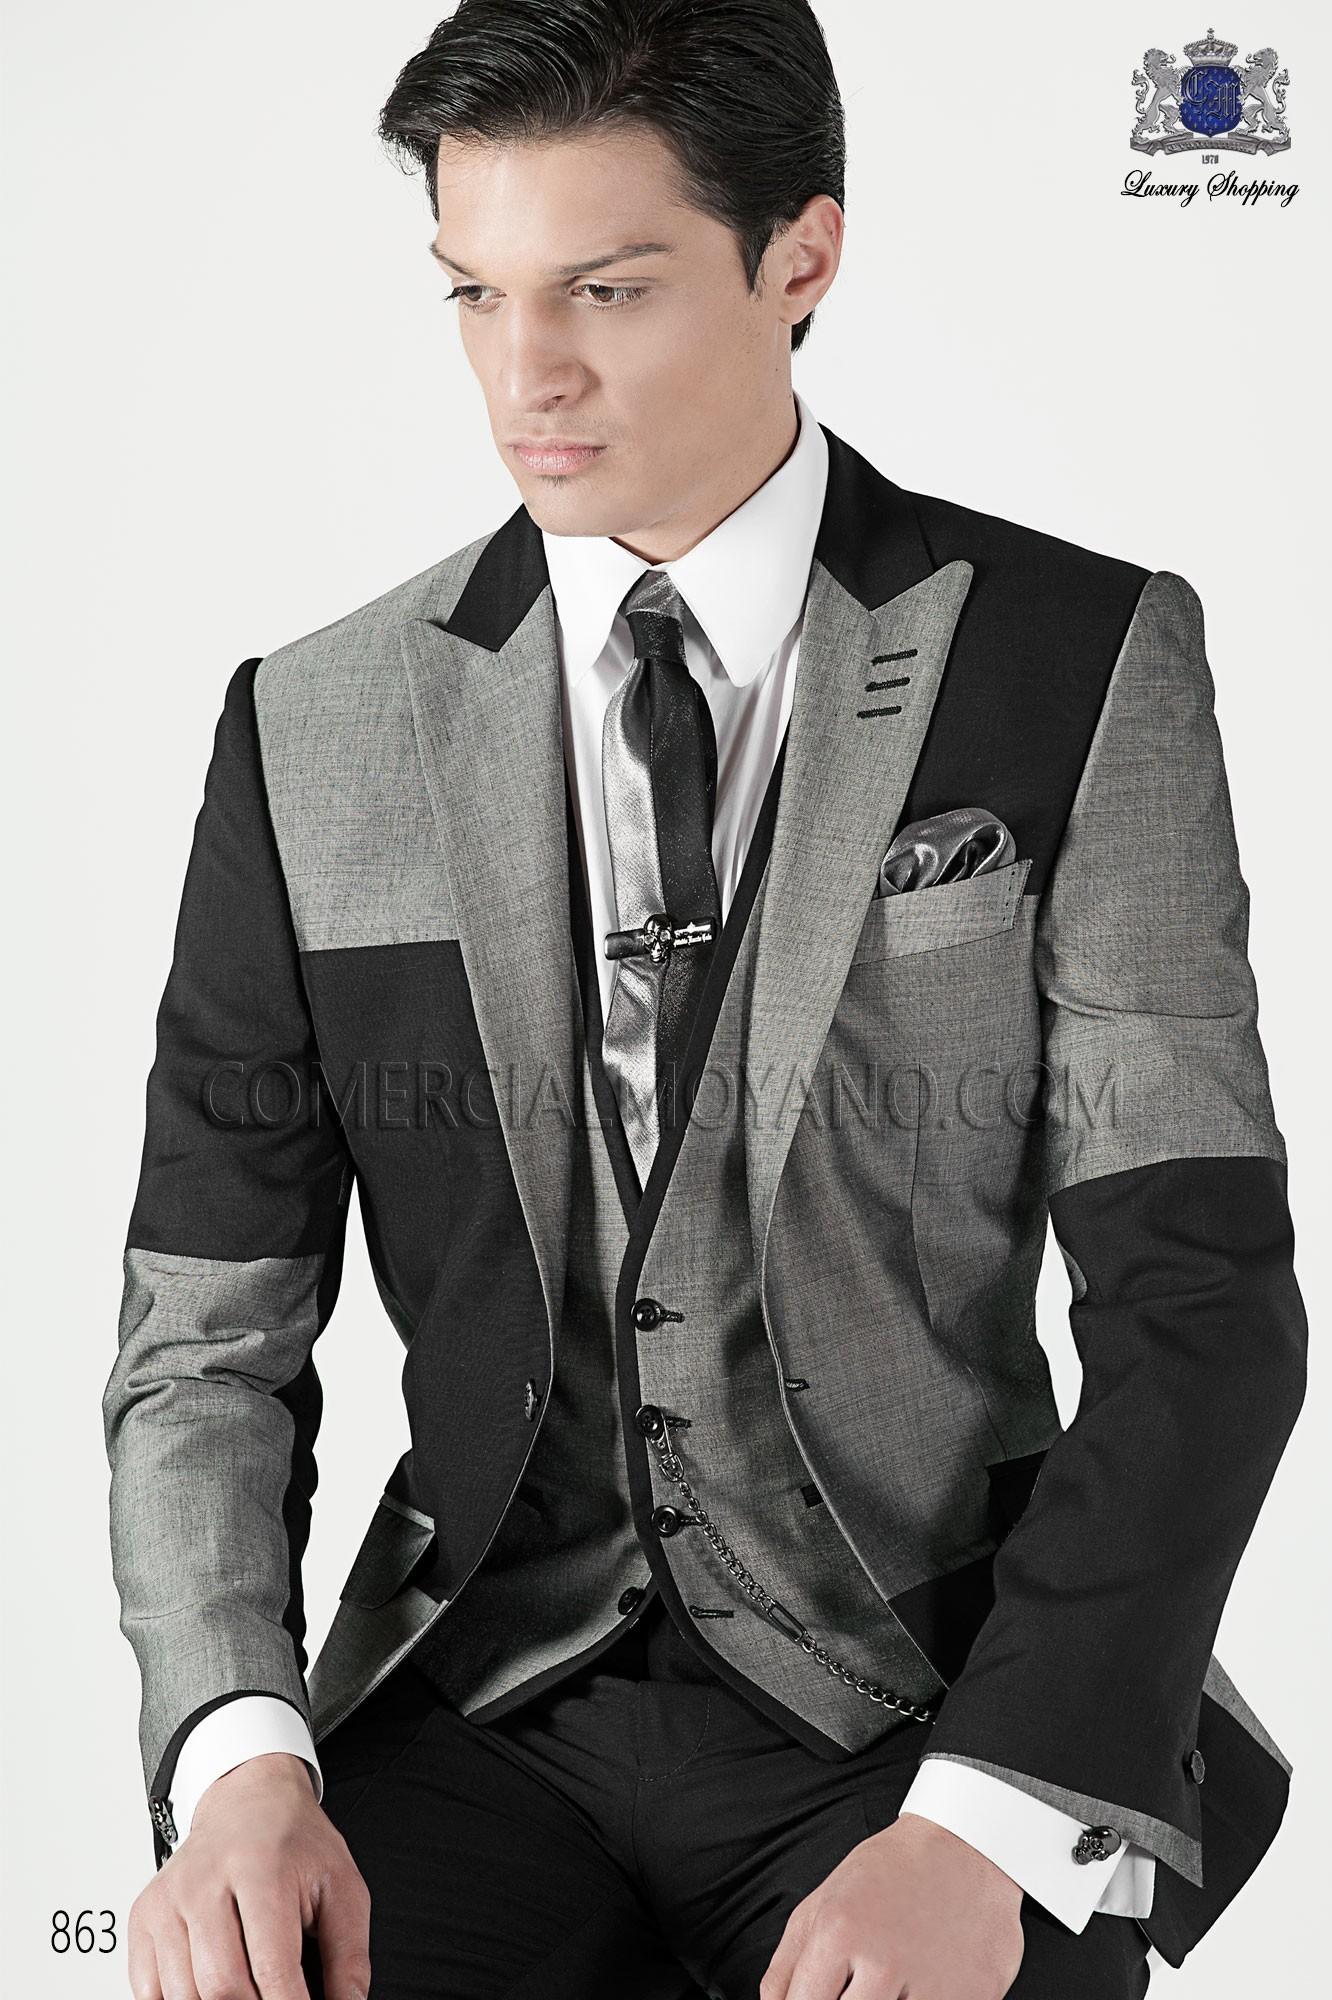 Traje de moda hombre gris modelo: 863 Ottavio Nuccio Gala colección Emotion 2017